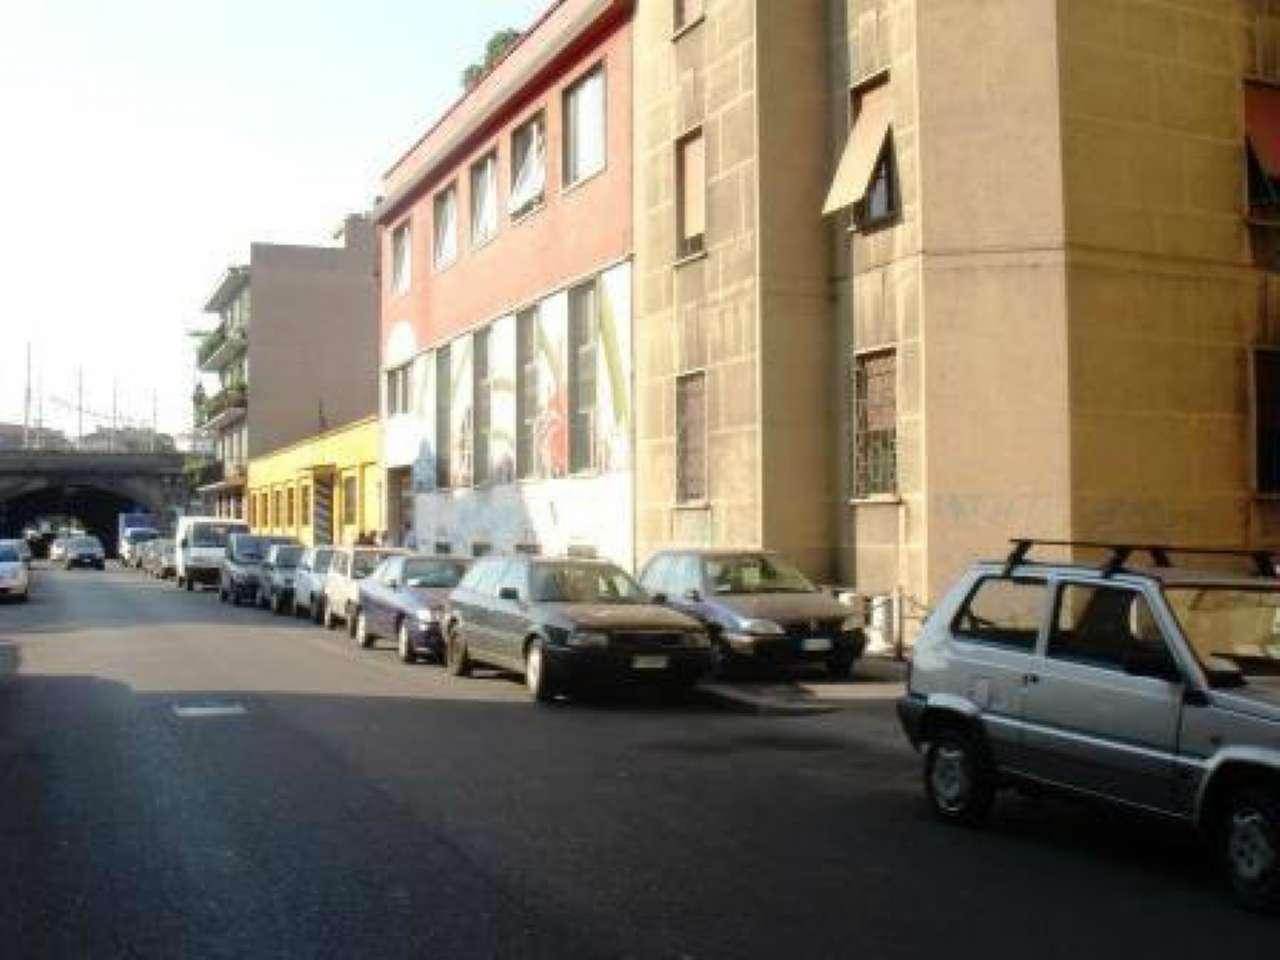 Ufficio in vendita Zona Bicocca, Greco, Monza, Palmanova, V... - via Spoleto 4 Milano